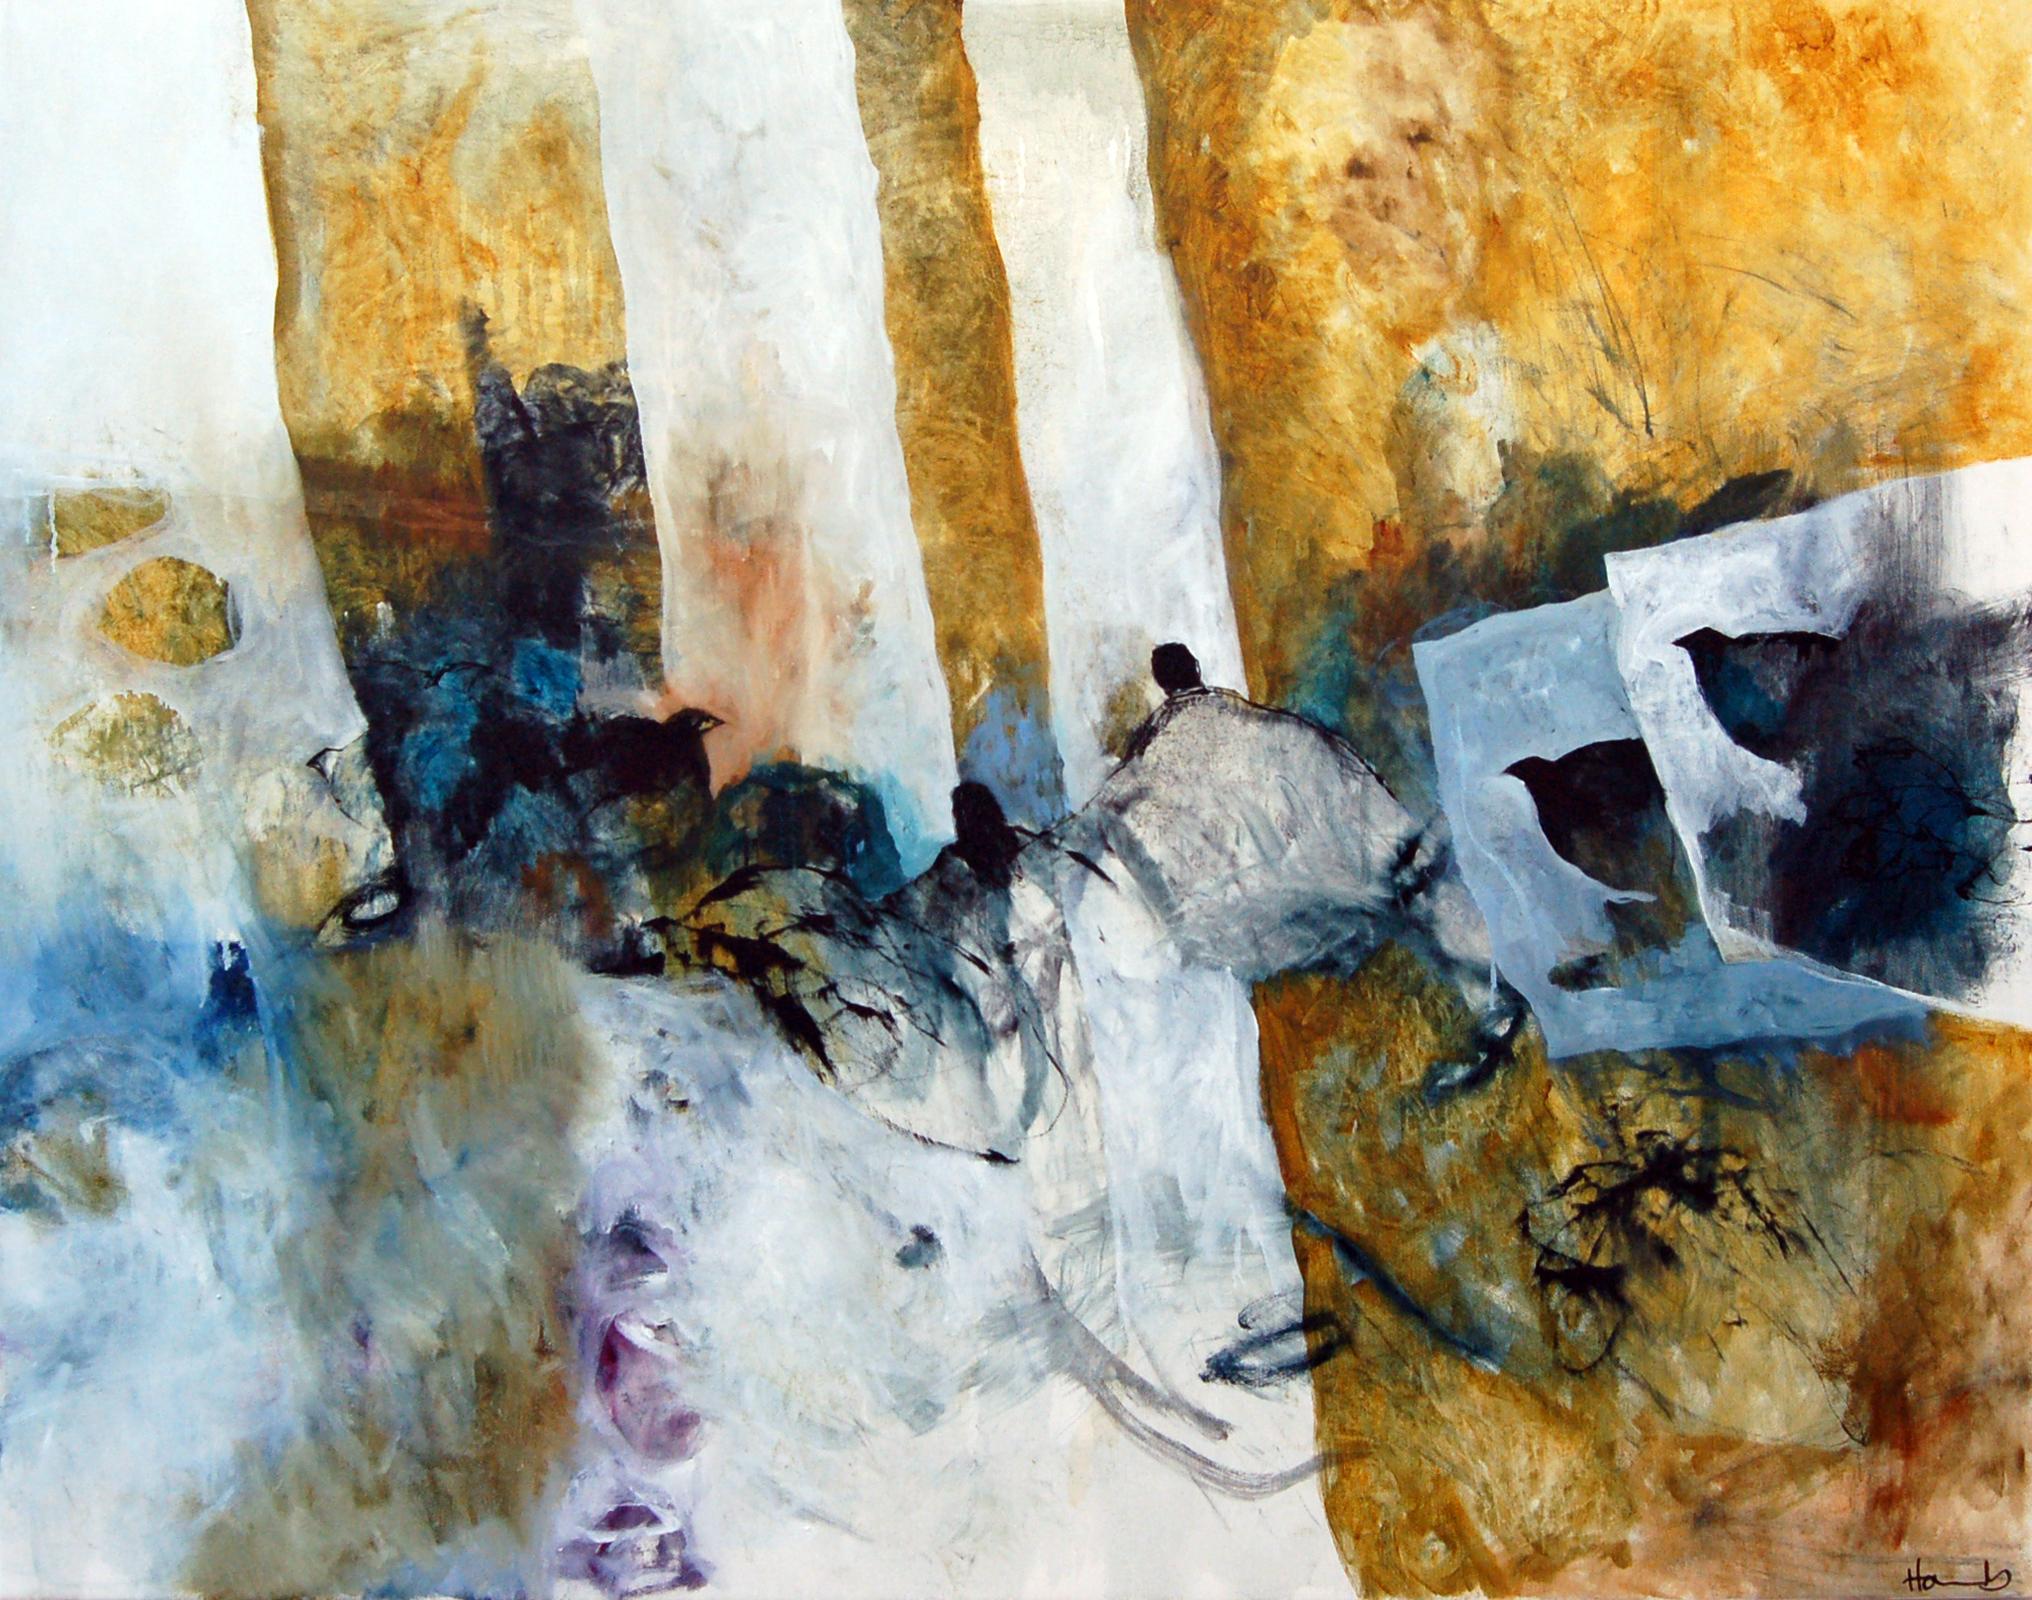 Kvinder viser kunst i Kulturcenter Kongensgade 111